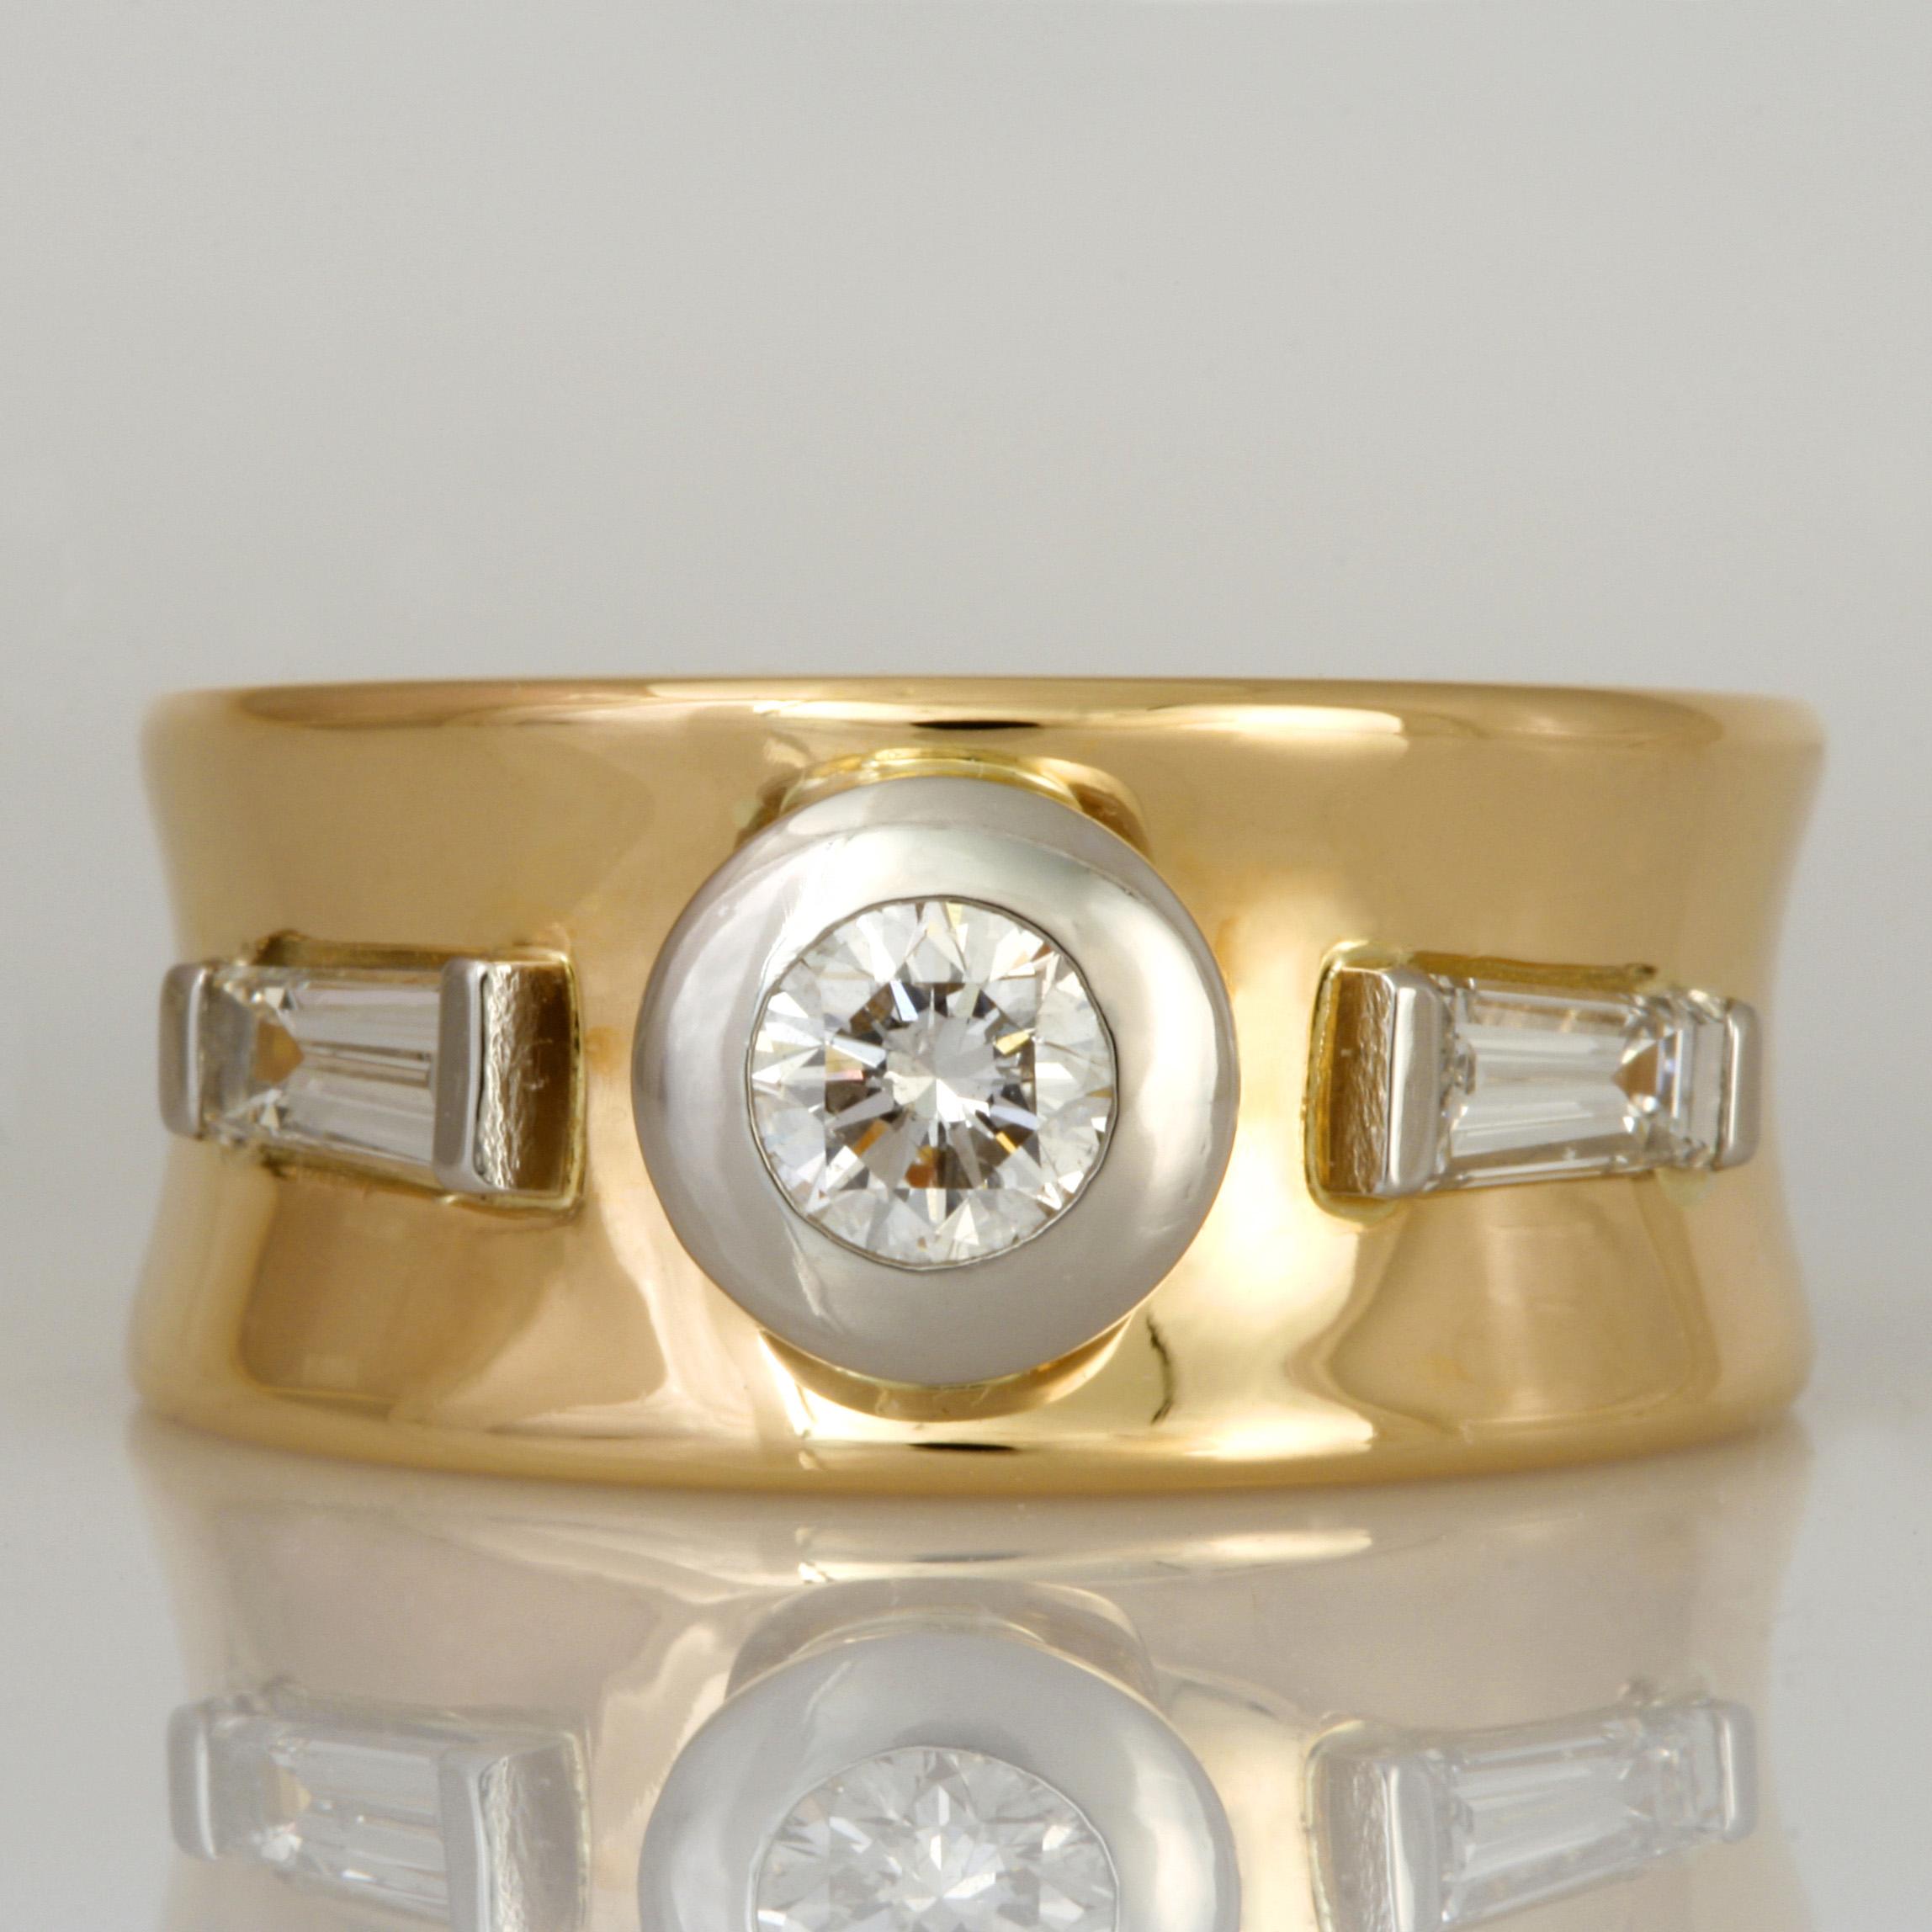 Handmade ladies 18ct yellow gold and platinum diamond ring